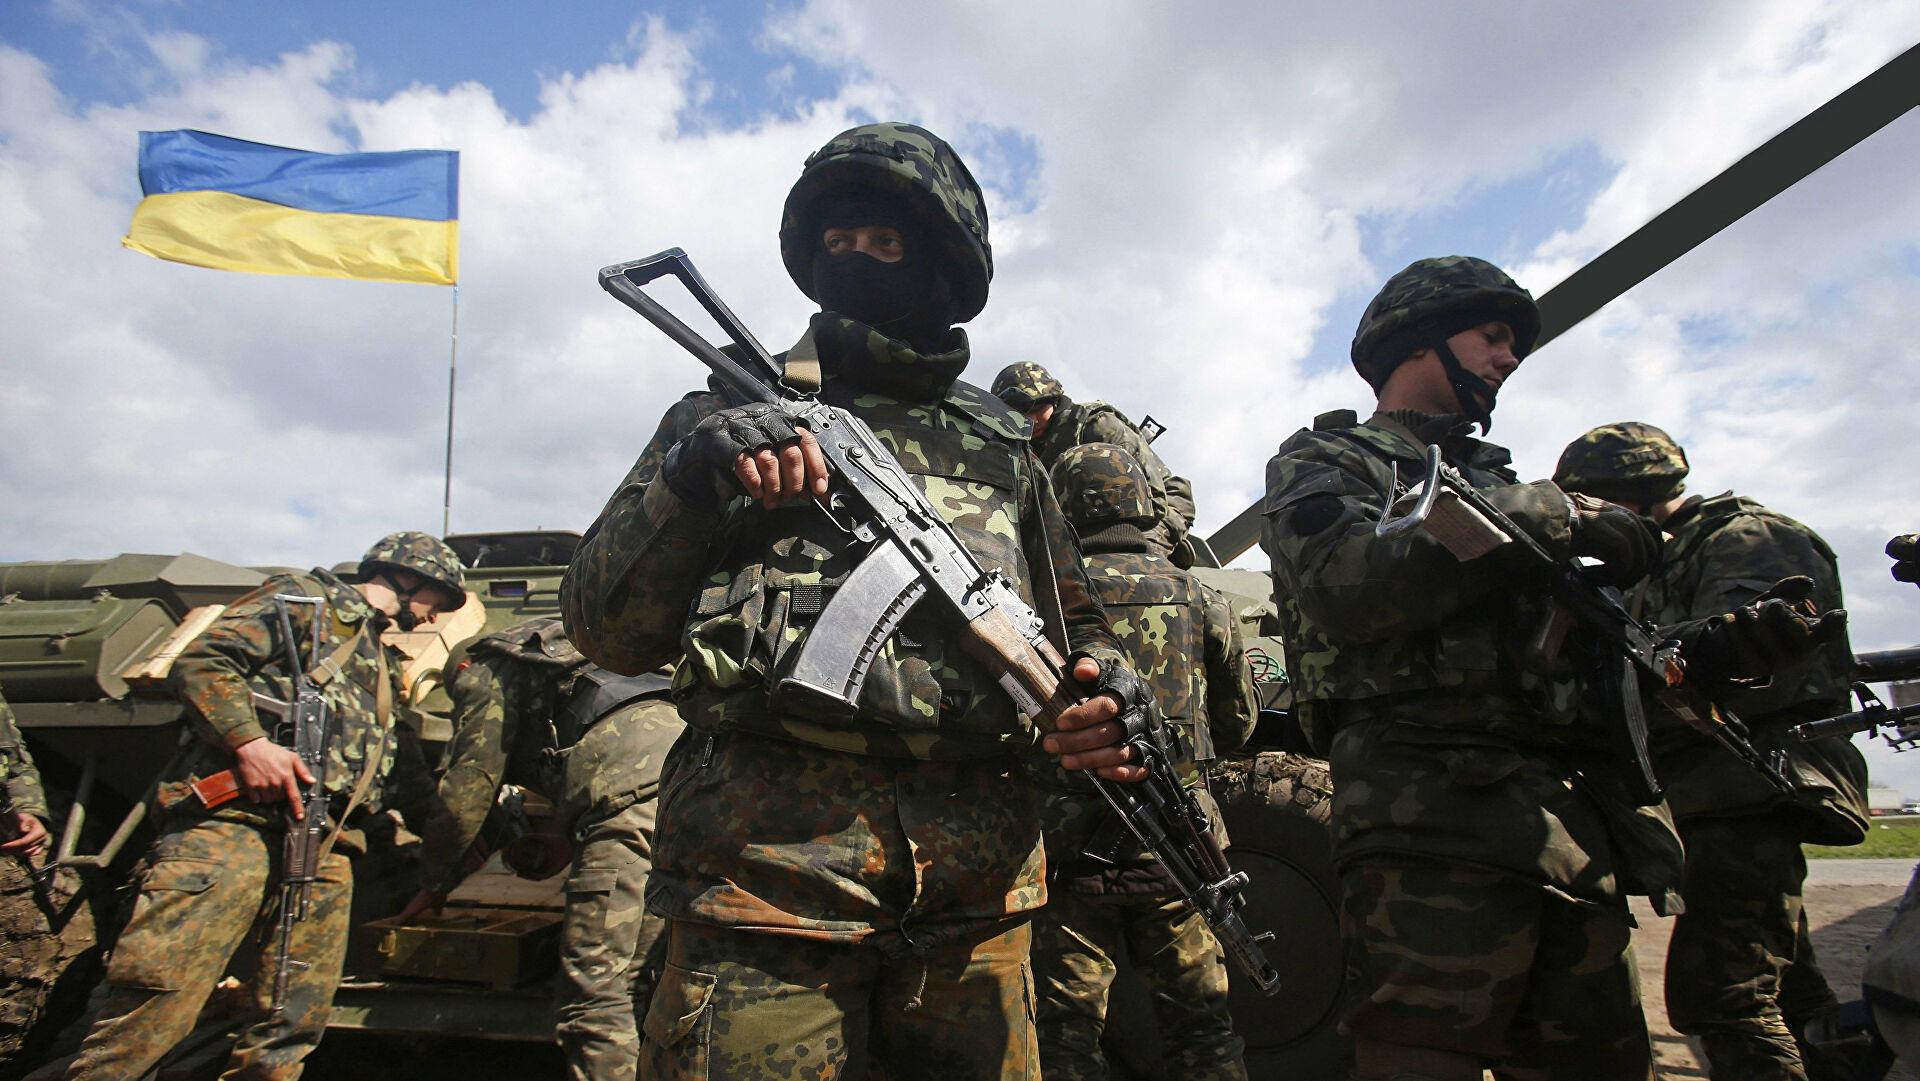 Пањина: Акције украјинске евојске у Донбасу немају никакве везе са заштитом или одбраном